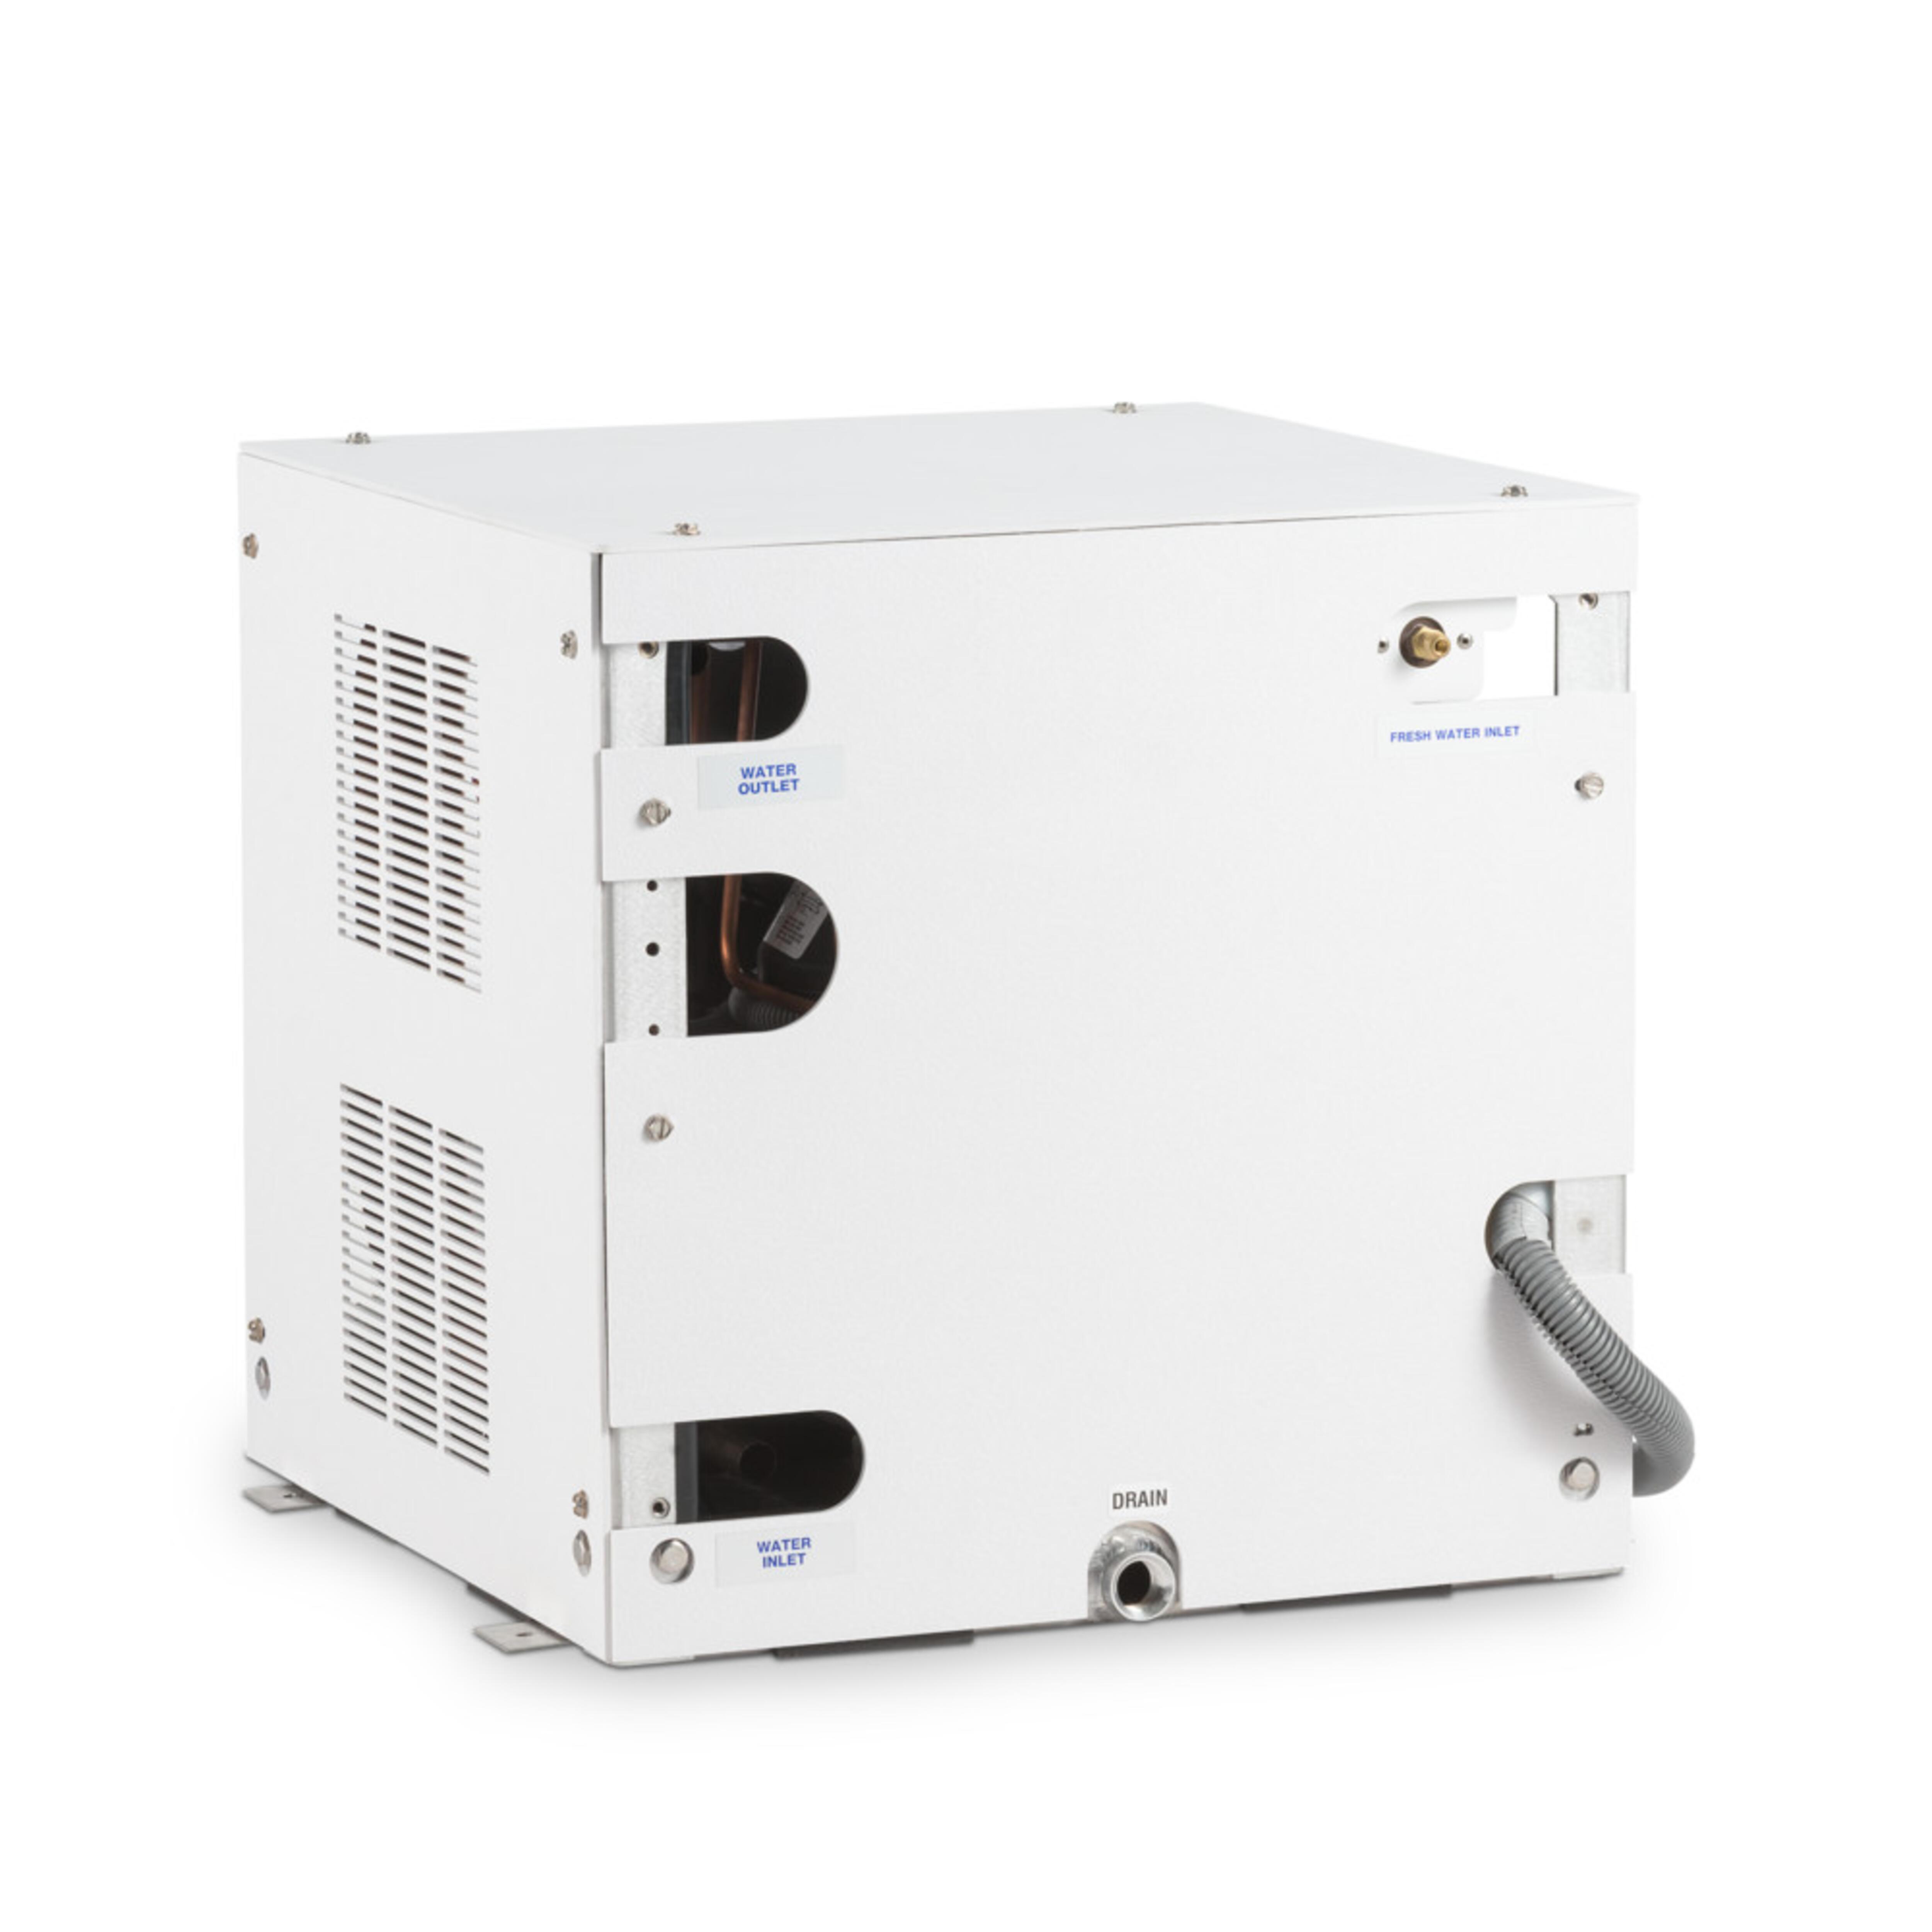 ESKIMO ICE EI540 - 115V